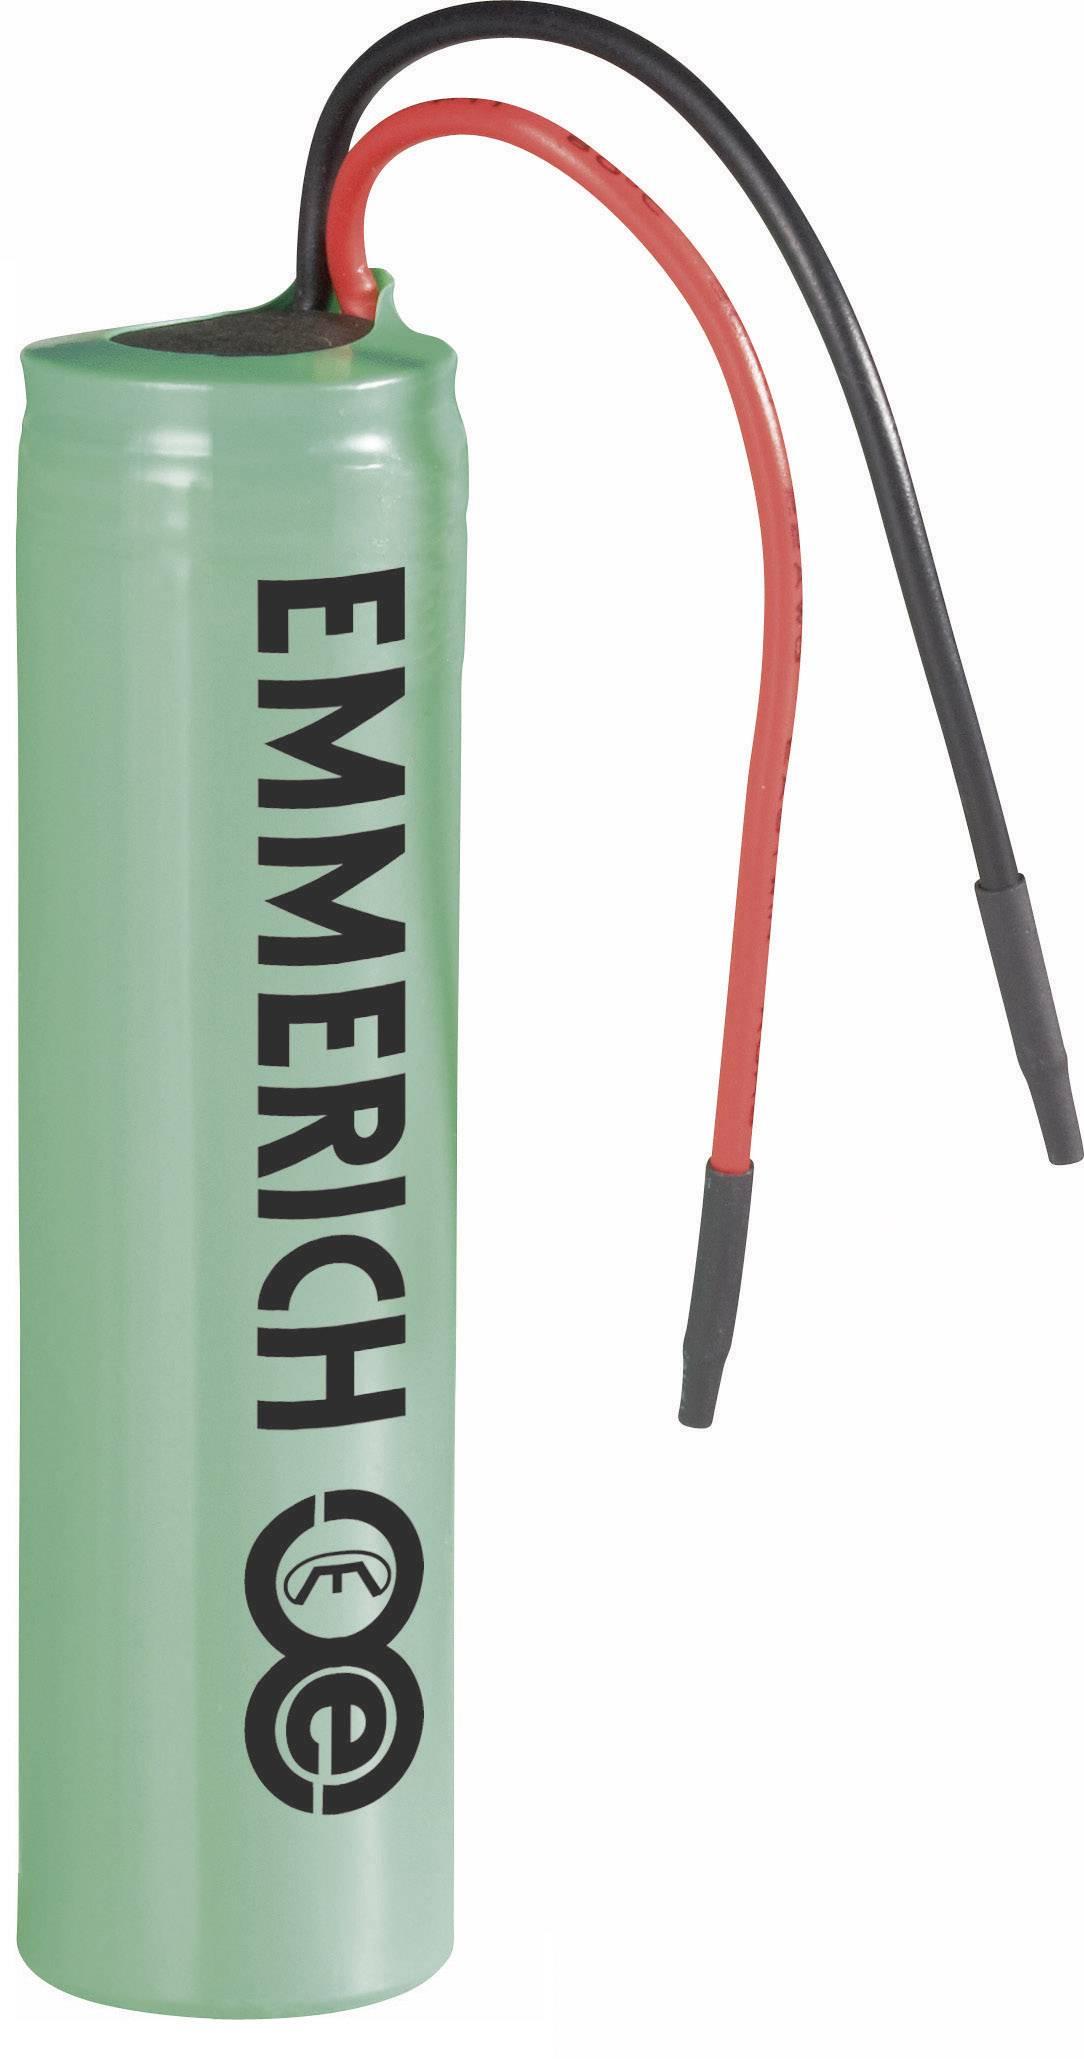 Špeciálny akumulátor 14500 Li-Ion akumulátor Emmerich LI14500 3.7 V 800 mAh